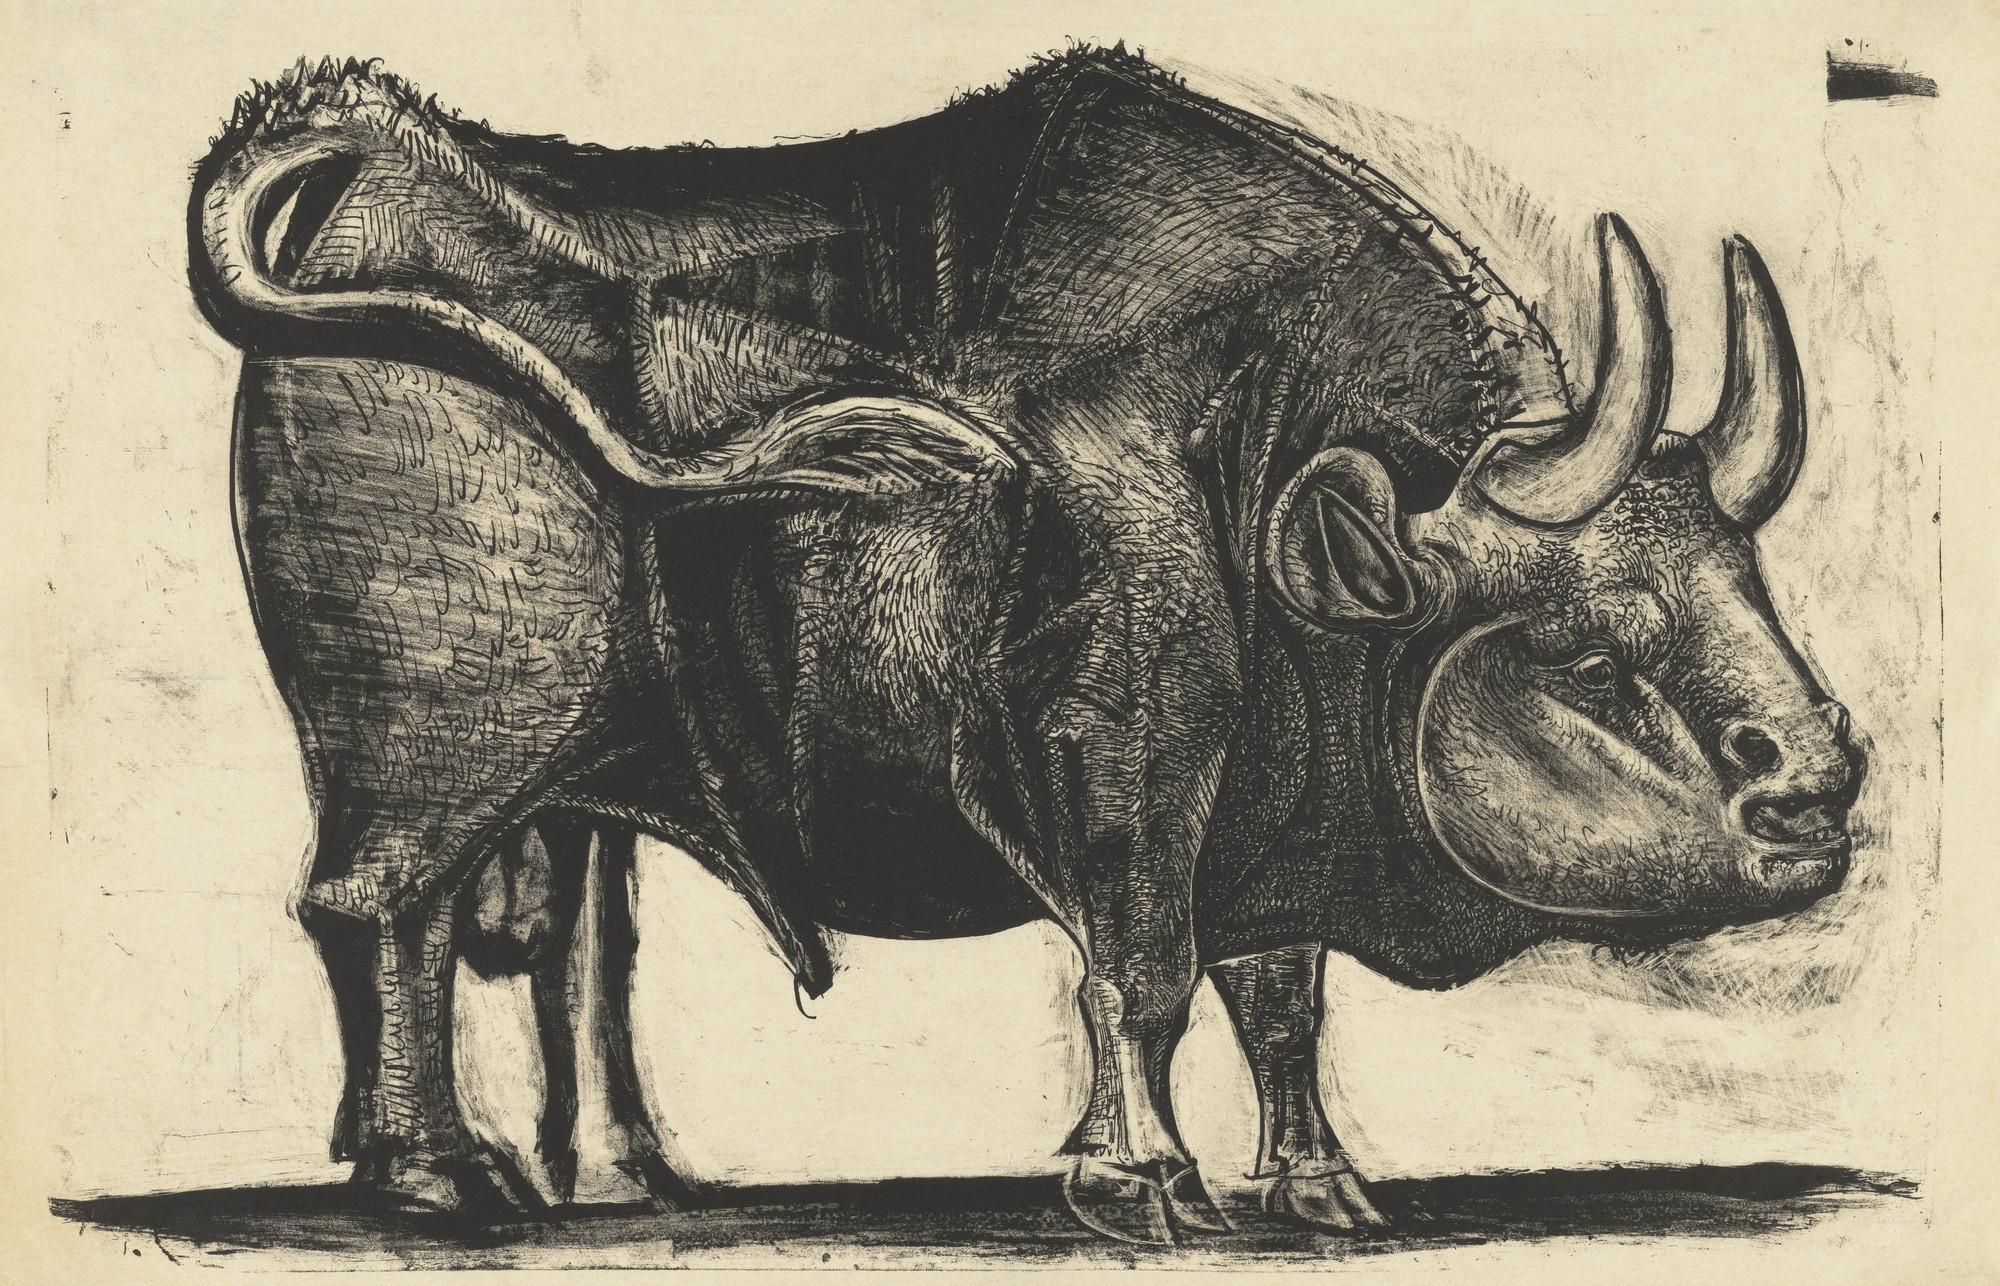 Pablo Picasso. The Bull (Le Taureau), state IV. 1945 | MoMA